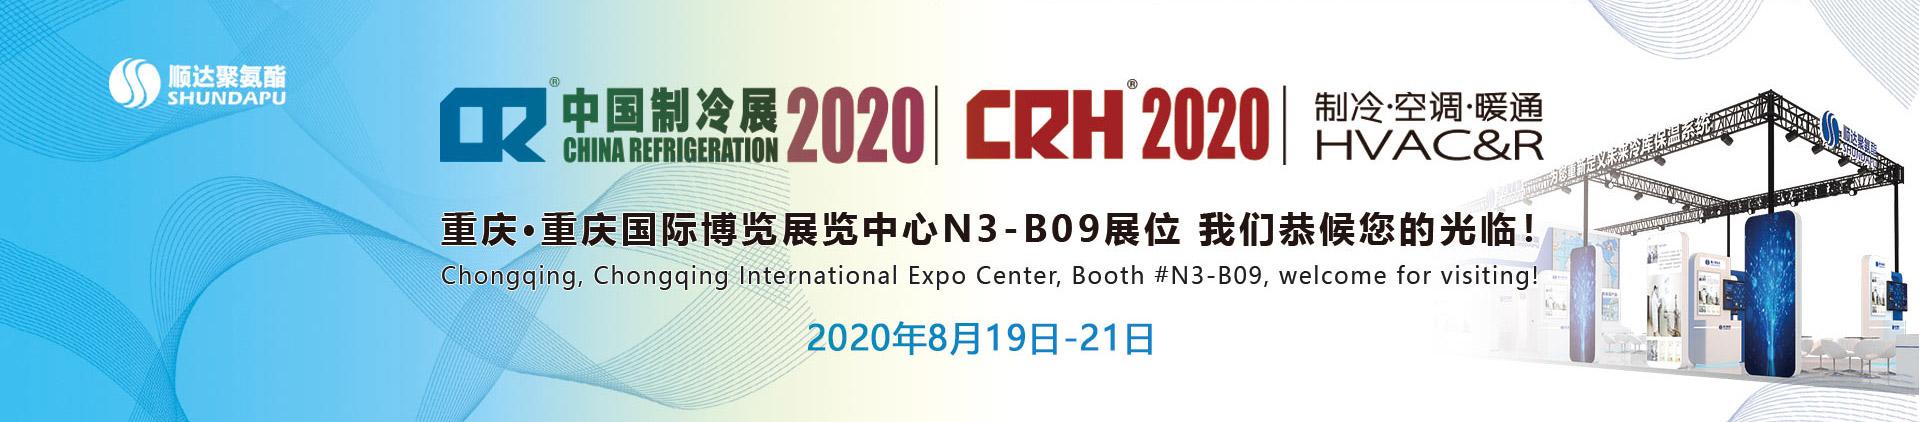 重庆•重庆国际博览中心N3-B09展位我们恭候您的光临 !